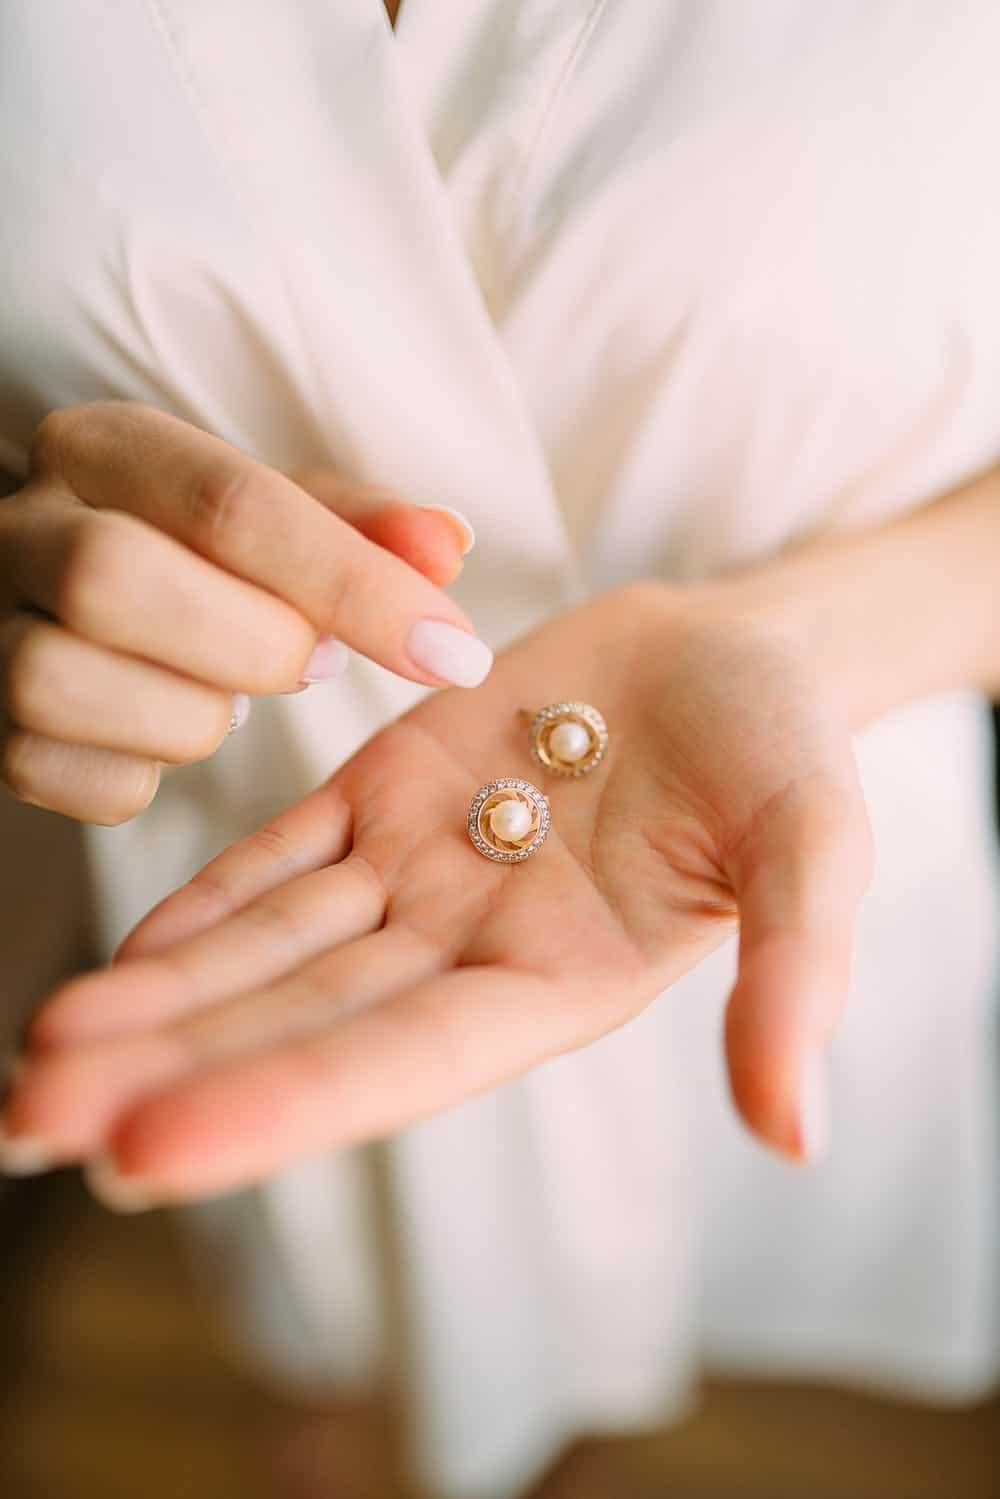 évaluer la qualité du bijou